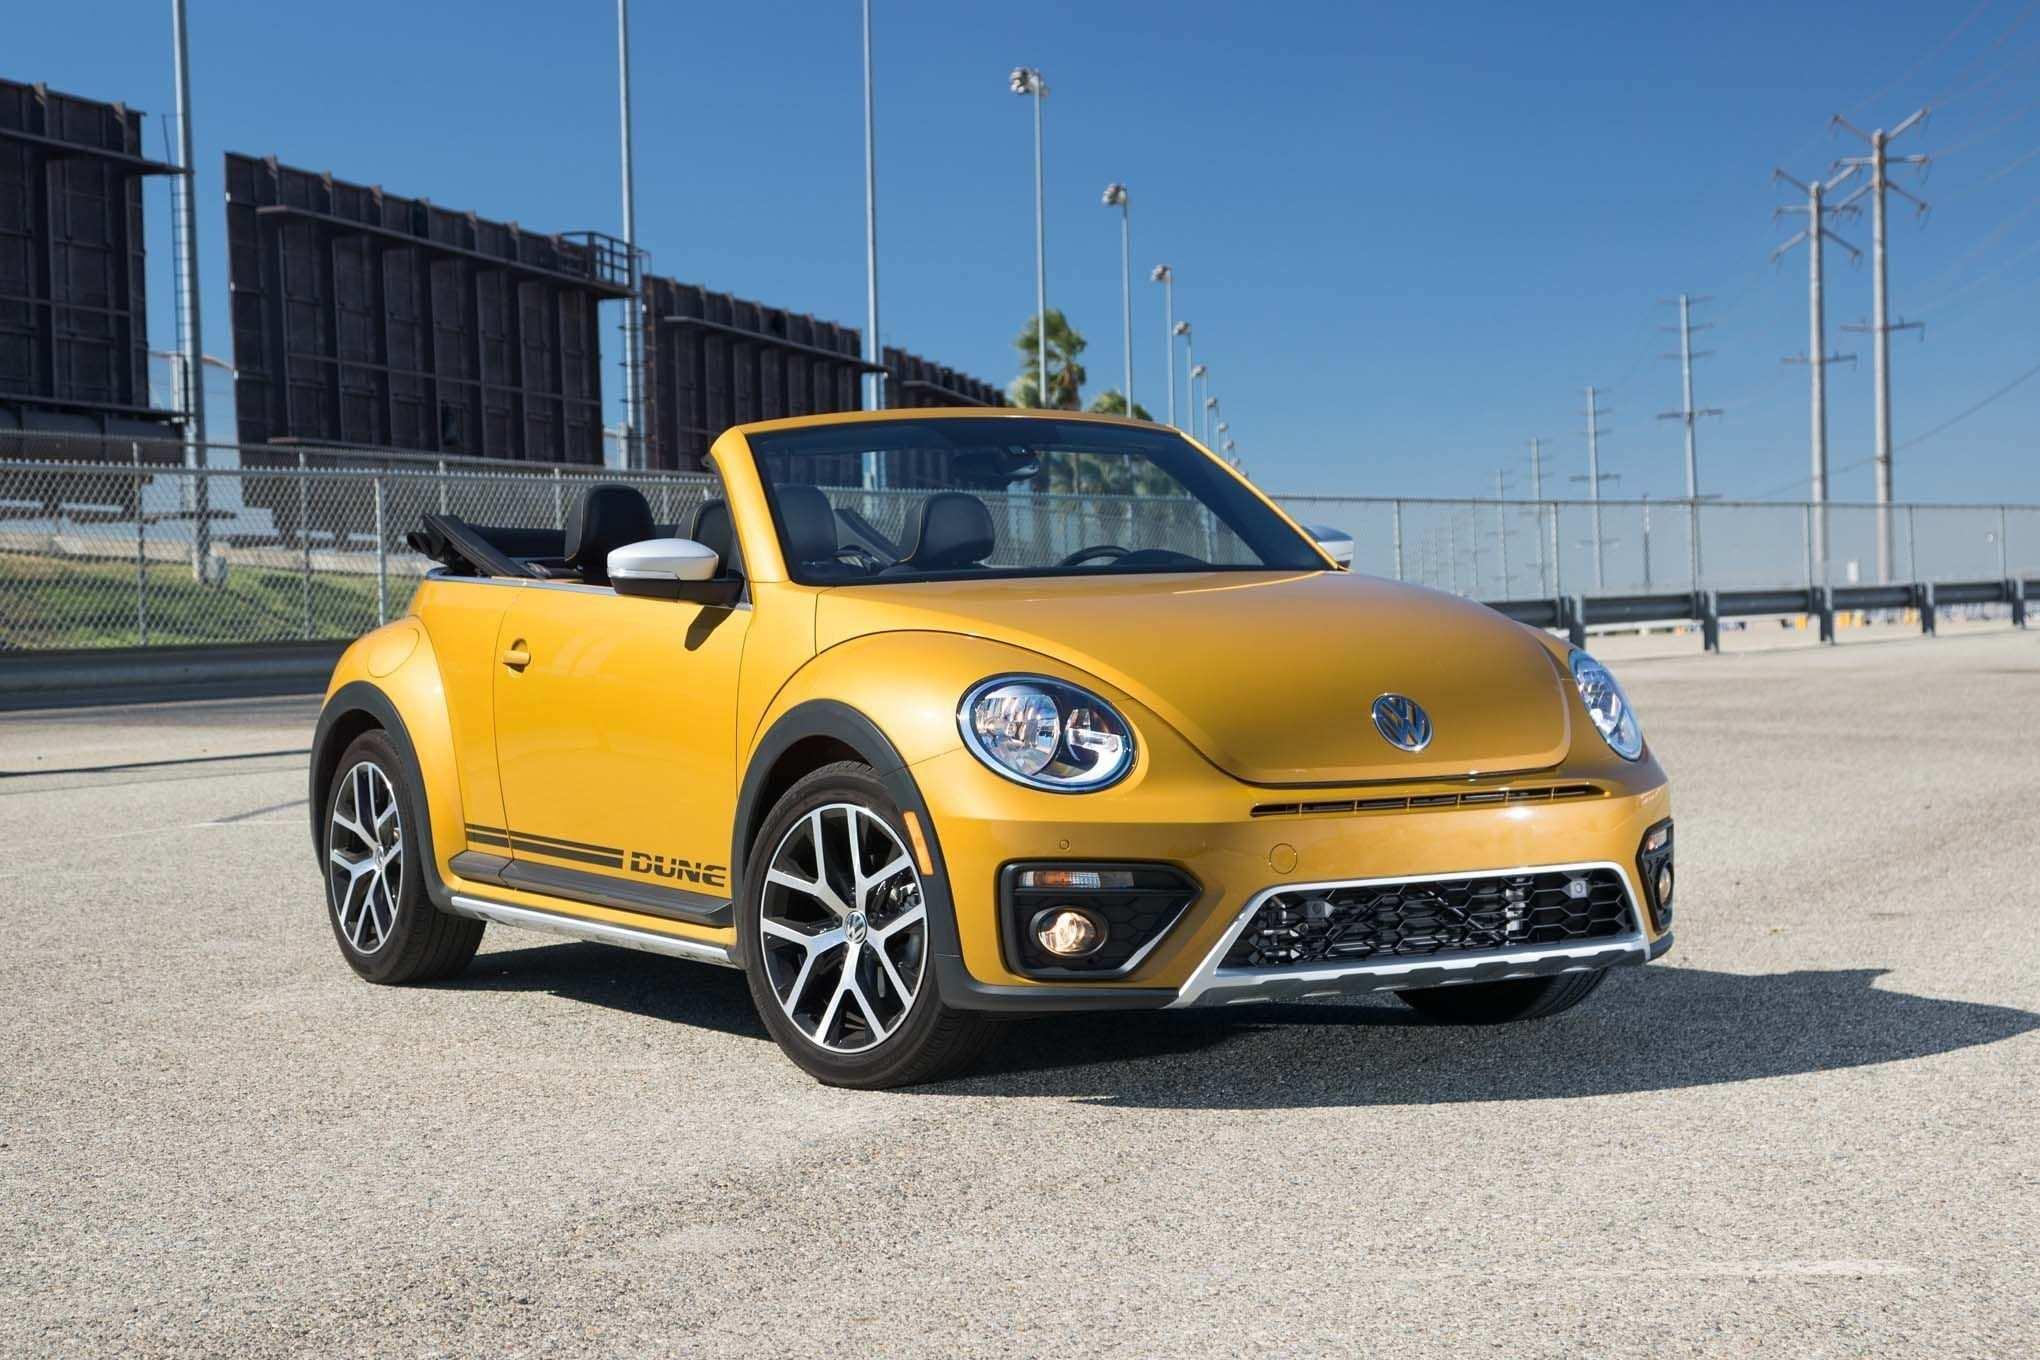 85 Great 2020 Volkswagen Beetle Dune Rumors for 2020 Volkswagen Beetle Dune